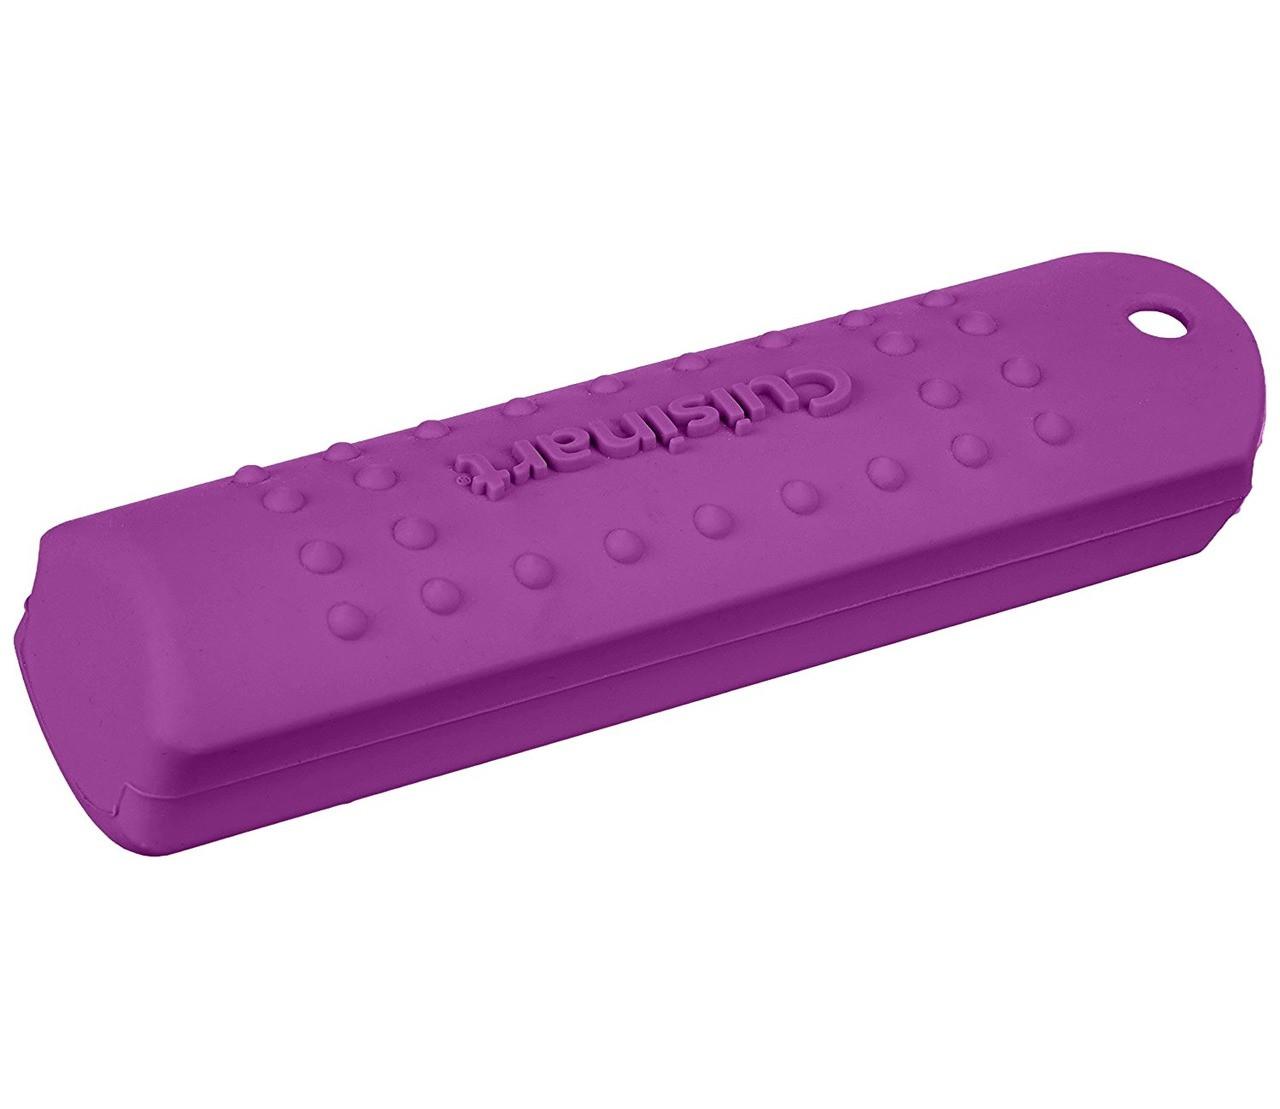 https://d3d71ba2asa5oz.cloudfront.net/23000296/images/cuisinart-silicone-sleeve-purple-2pk-casku19842-2.jpg